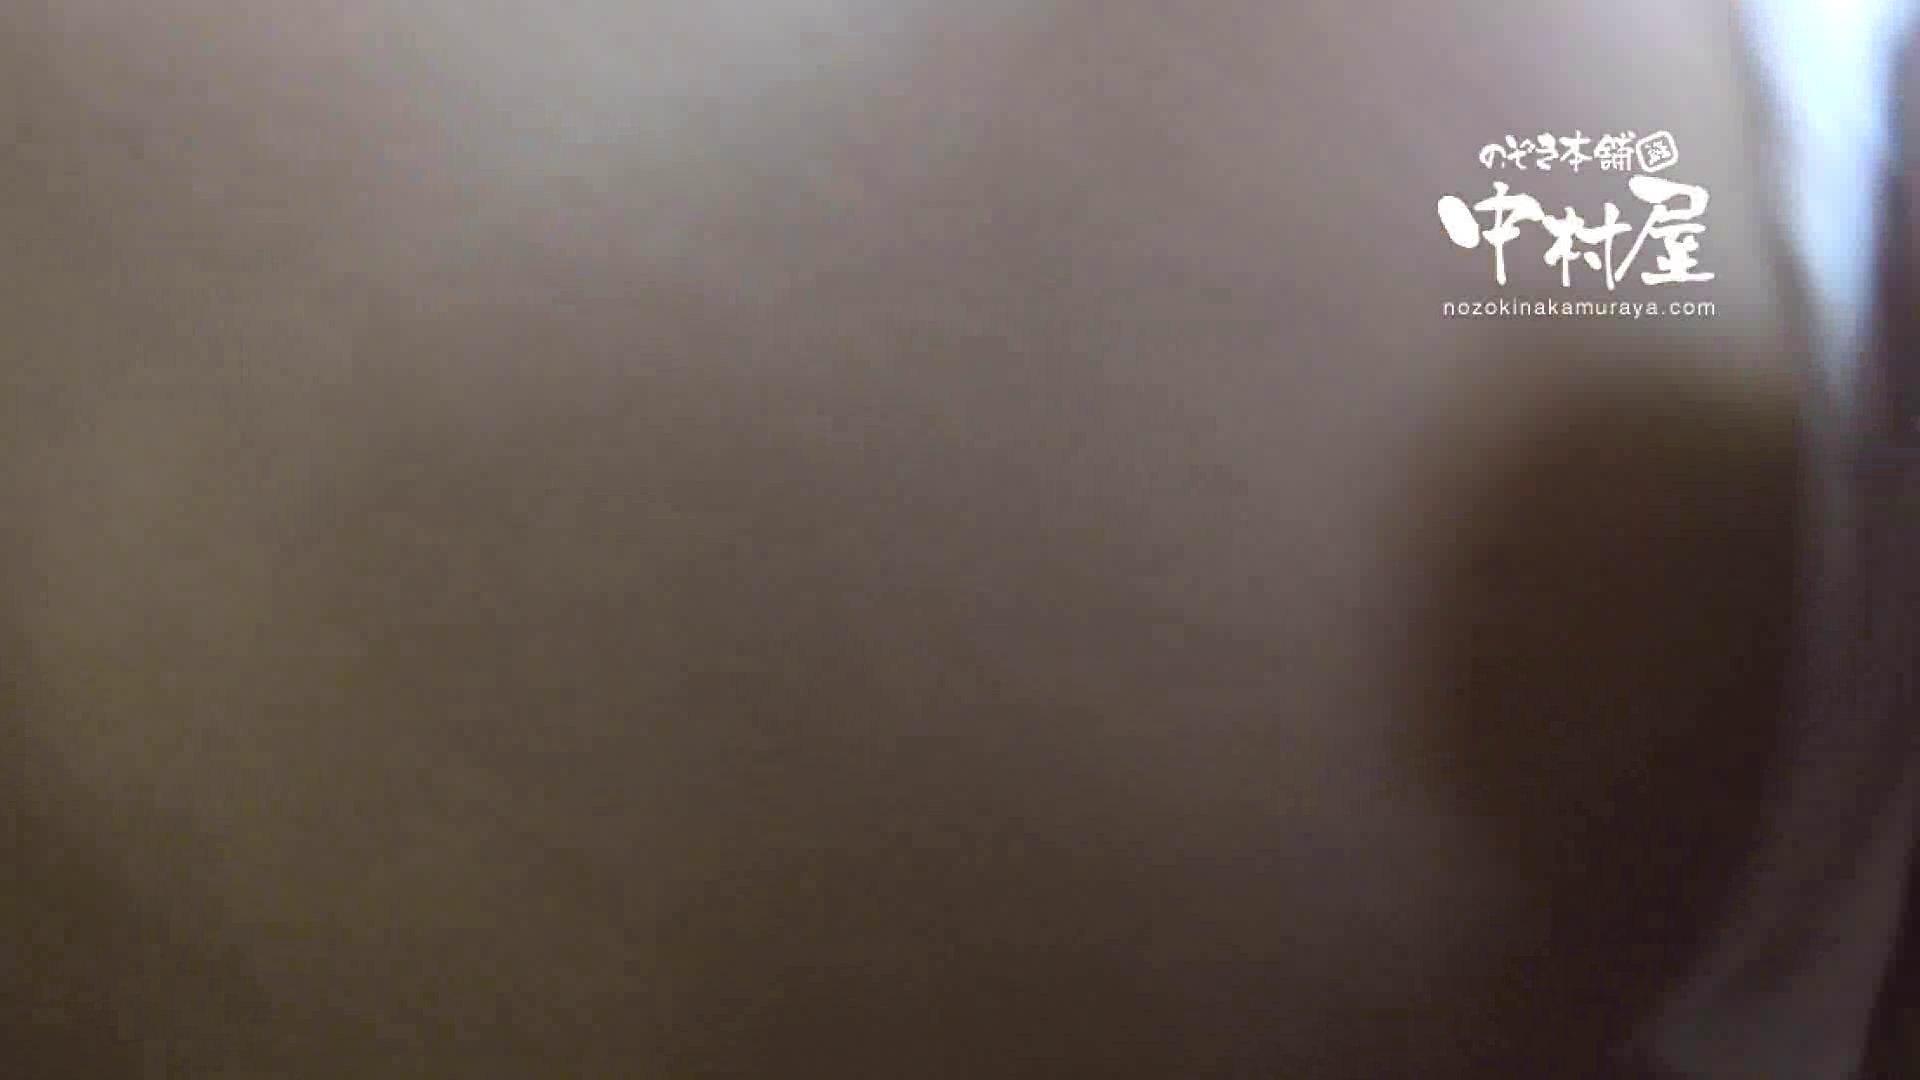 鬼畜 vol.18 居酒屋バイト時代の同僚に中出ししてみる 後編 中出し | 鬼畜  67画像 18